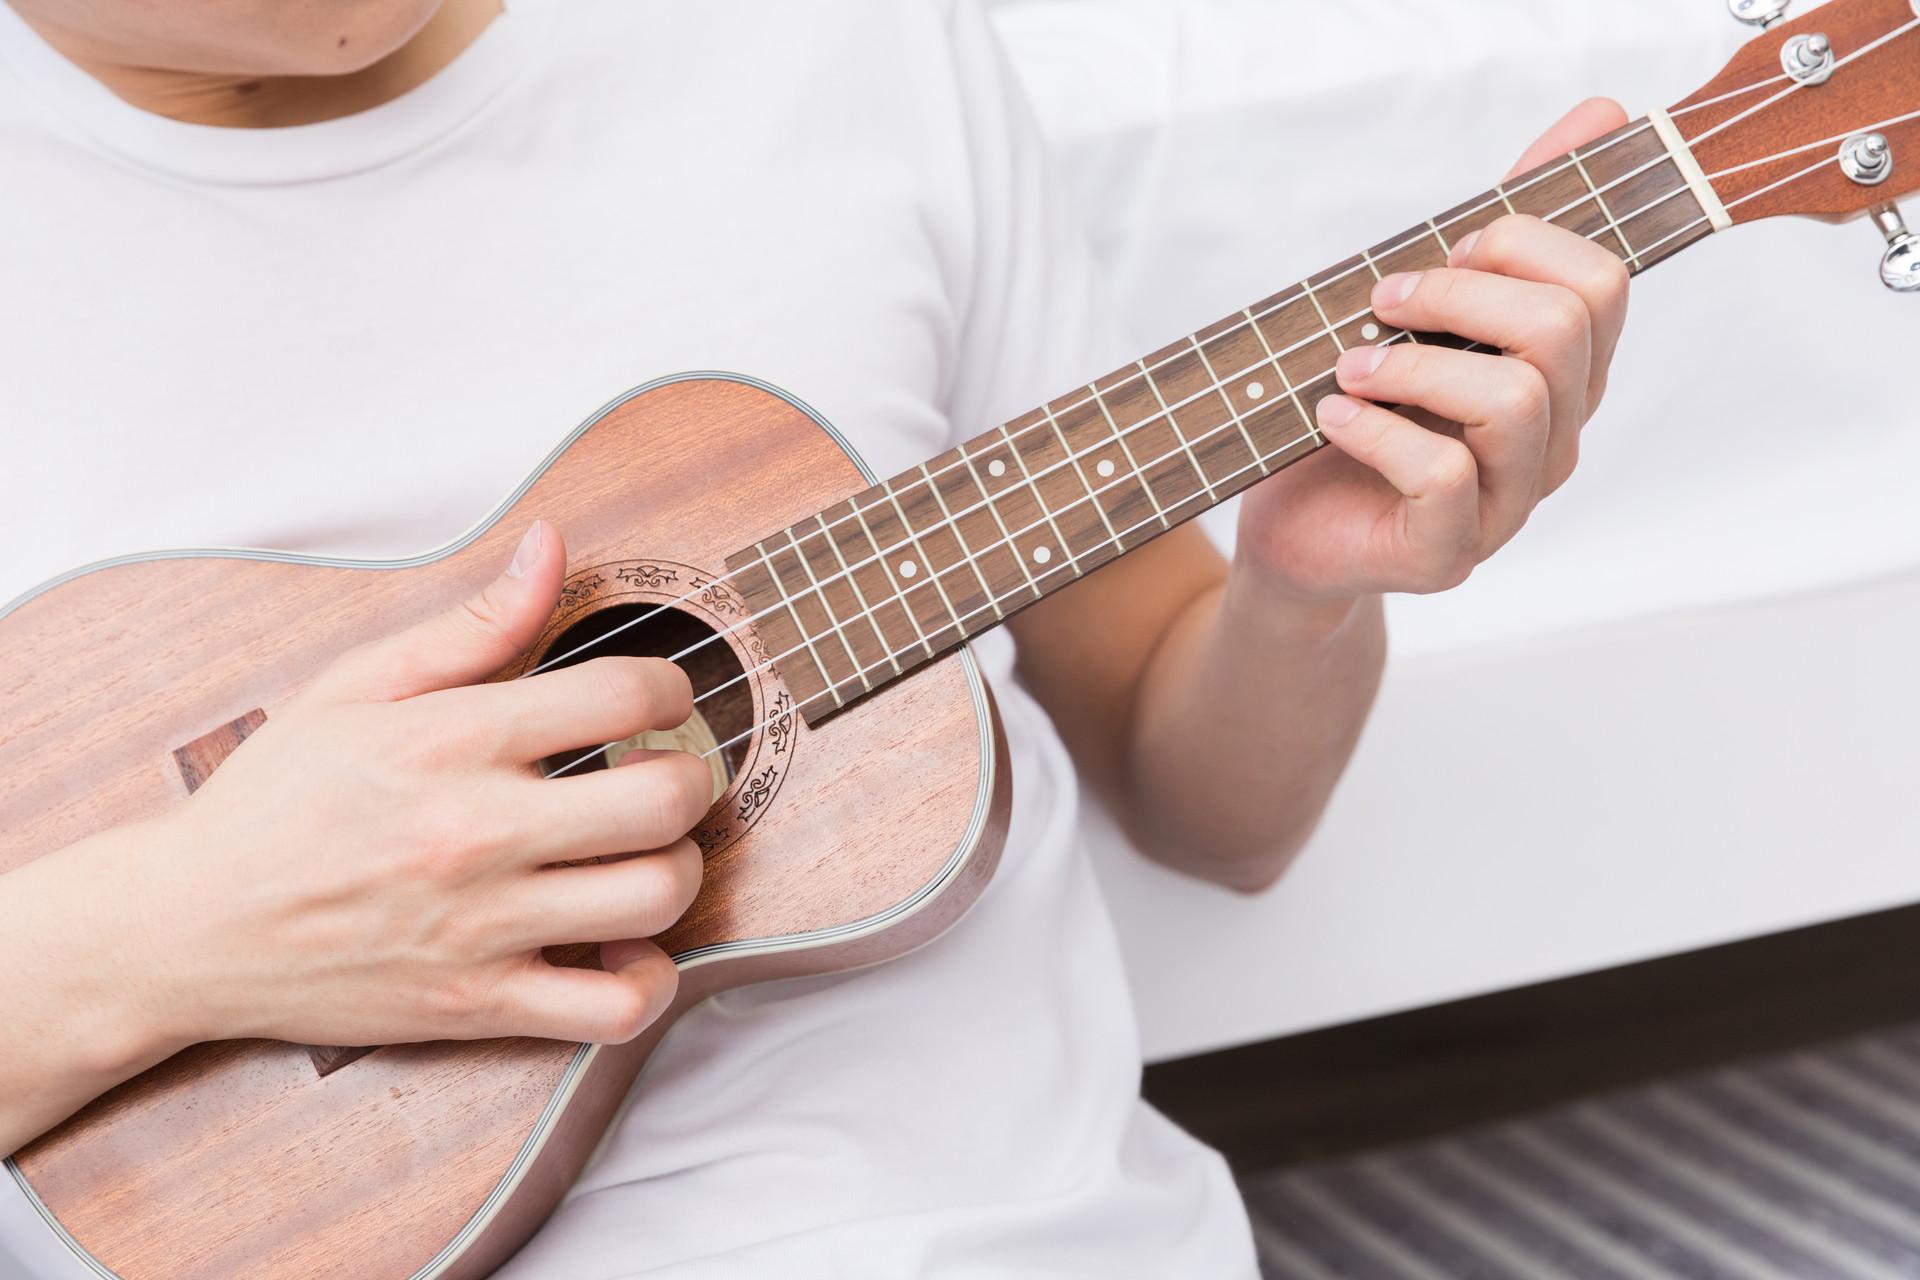 美聲唱法的起源